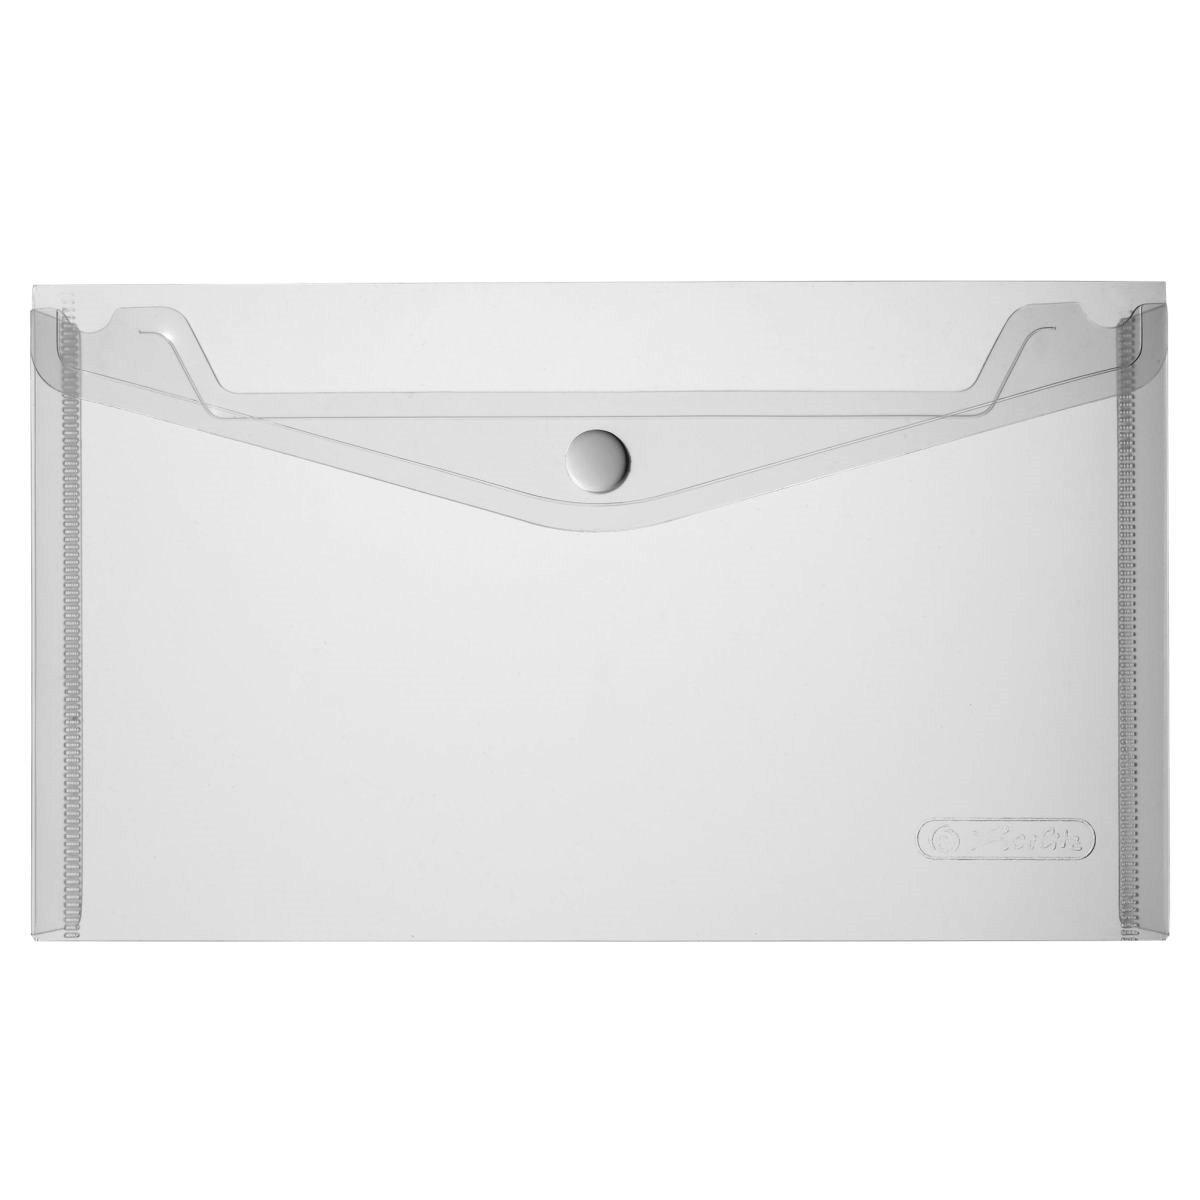 Папка-конверт на кнопке Herlitz 22.5x13см 200мкм бесцветная прозрачная